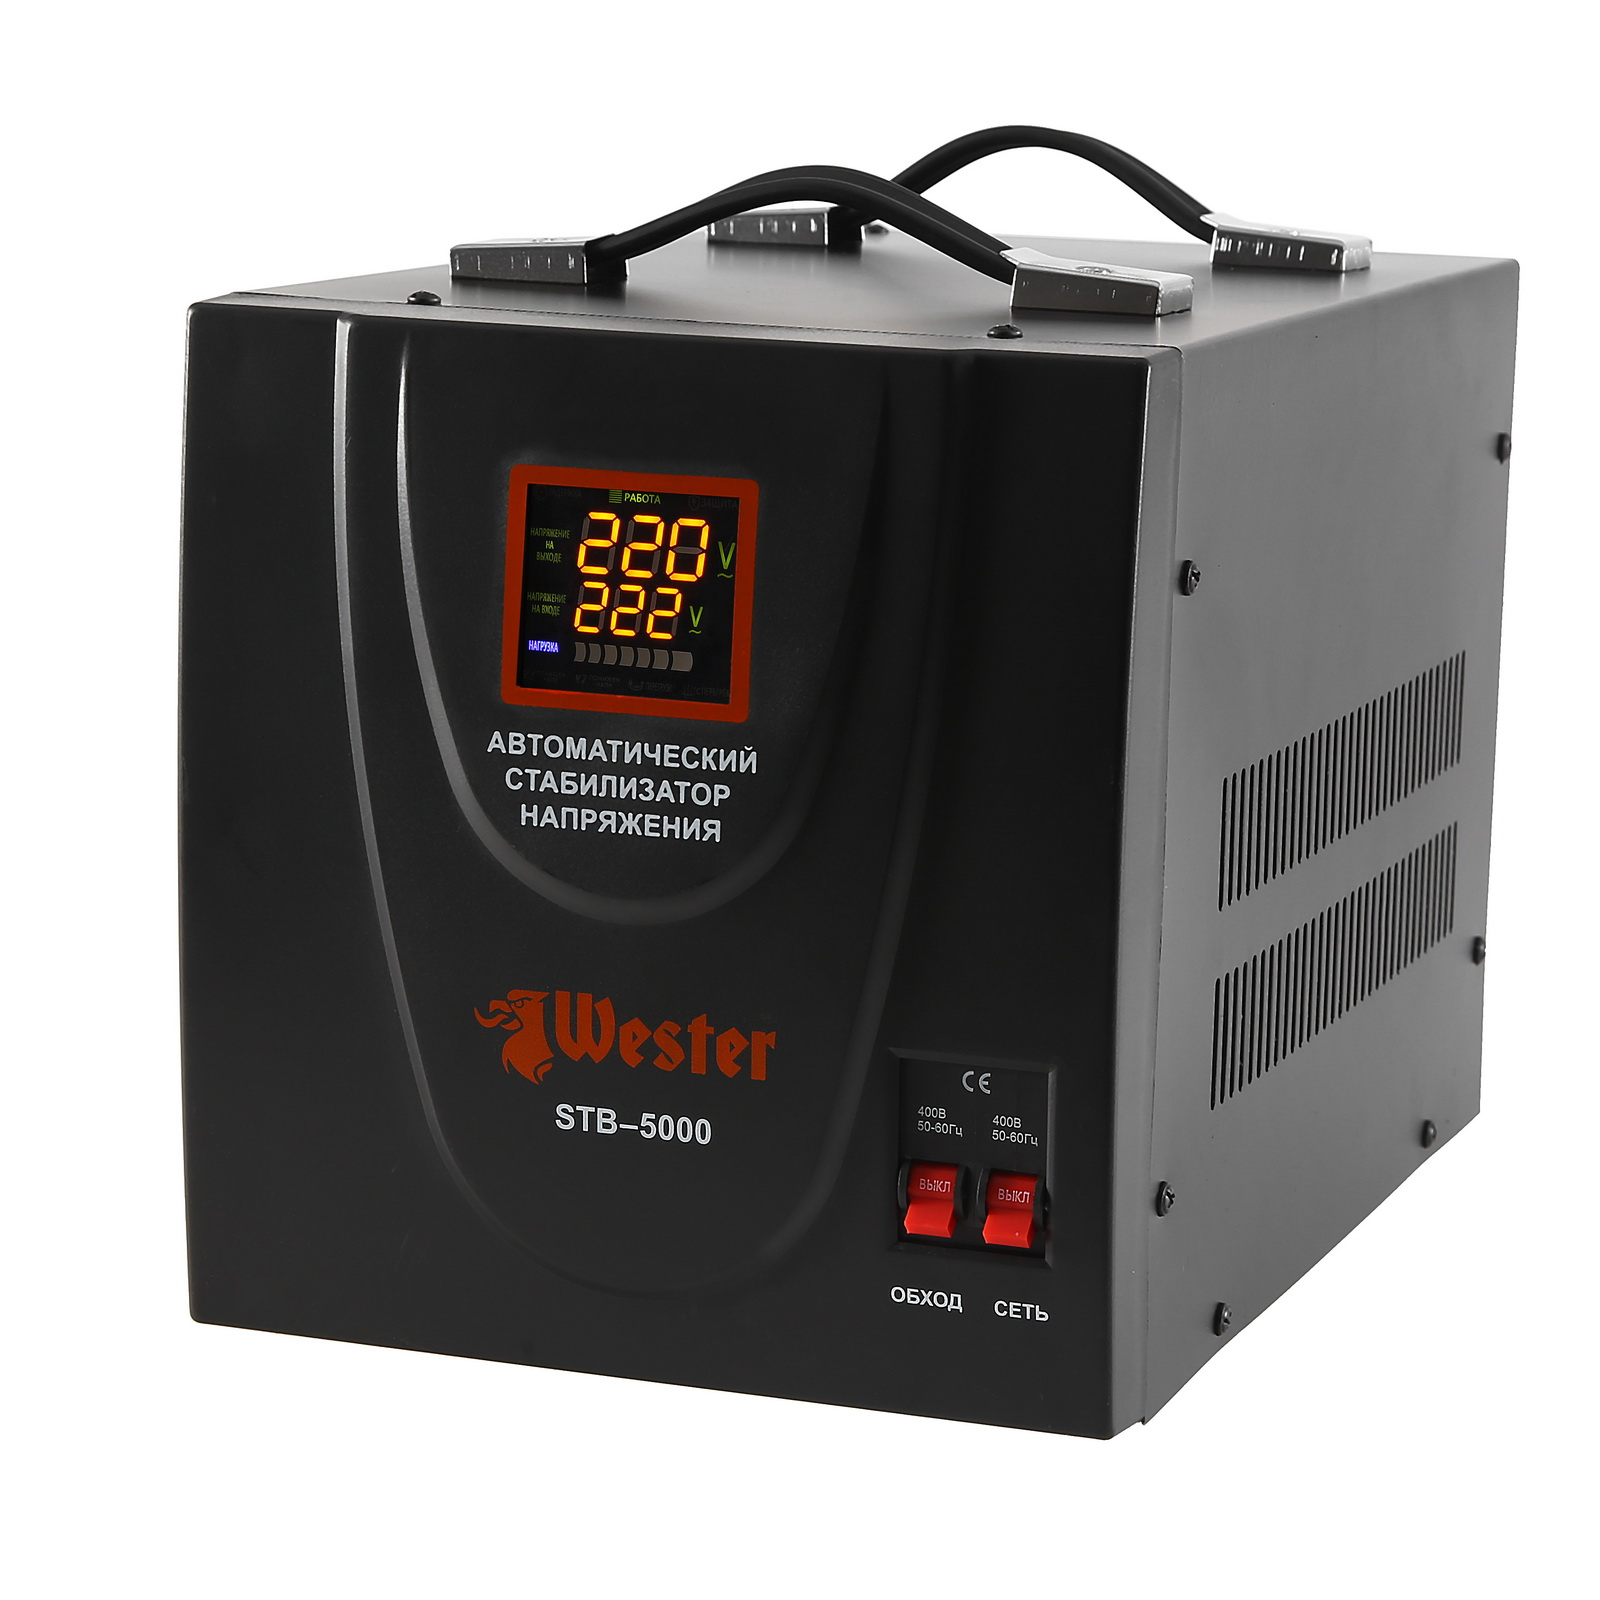 Стабилизатор напряжения Wester Stb-5000 стабилизатор напряжения wester stb 5000 5000ва однофазный цифровой